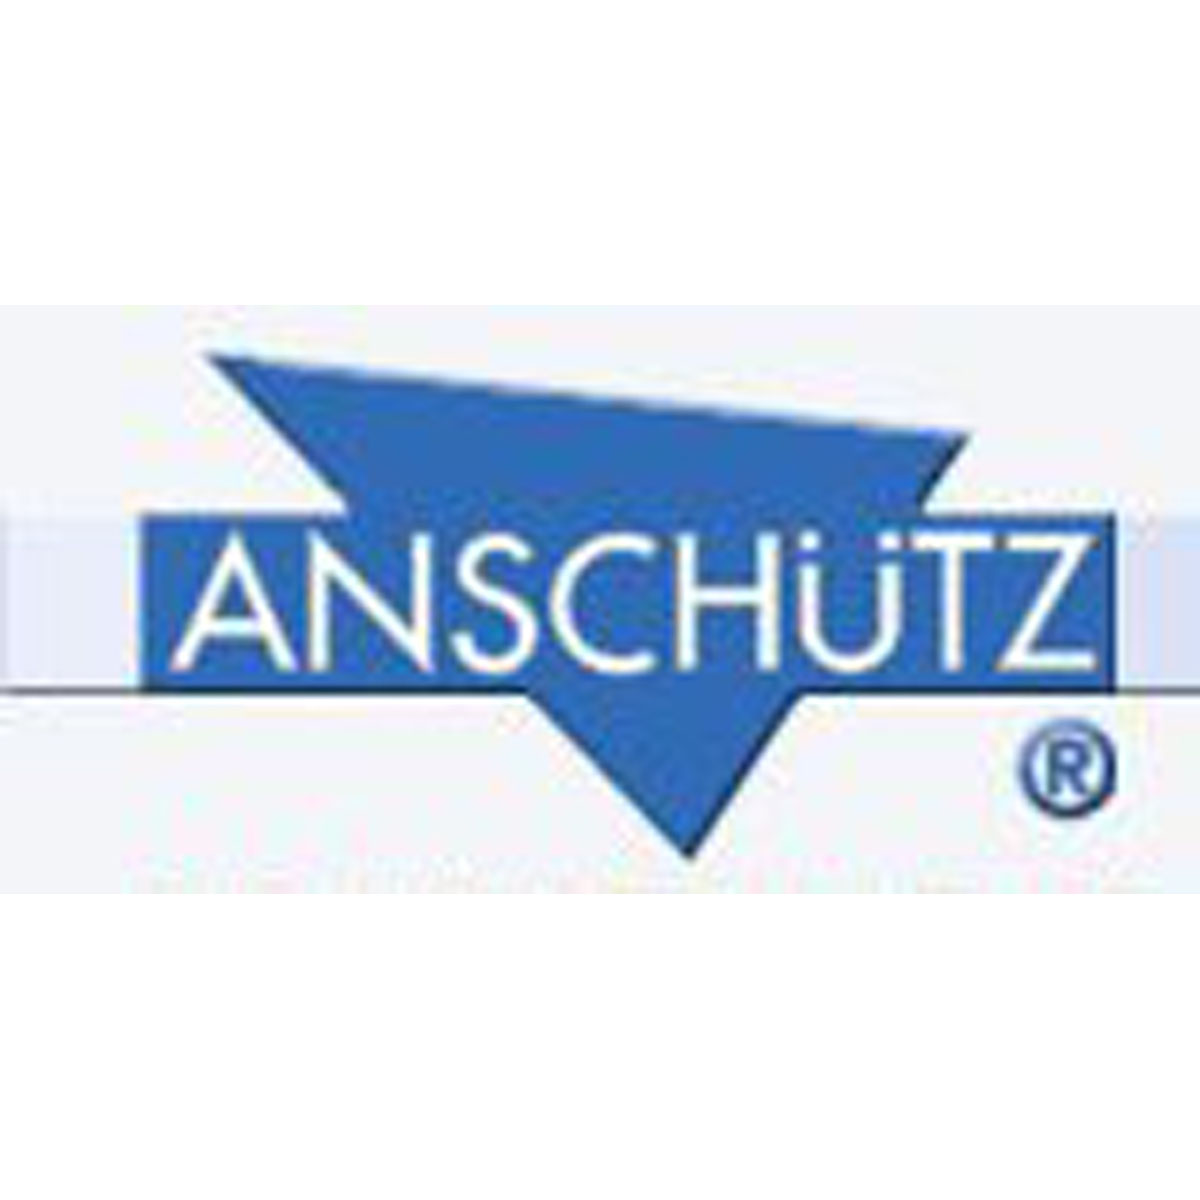 Anschutz Rimfire - Fisher Firearms